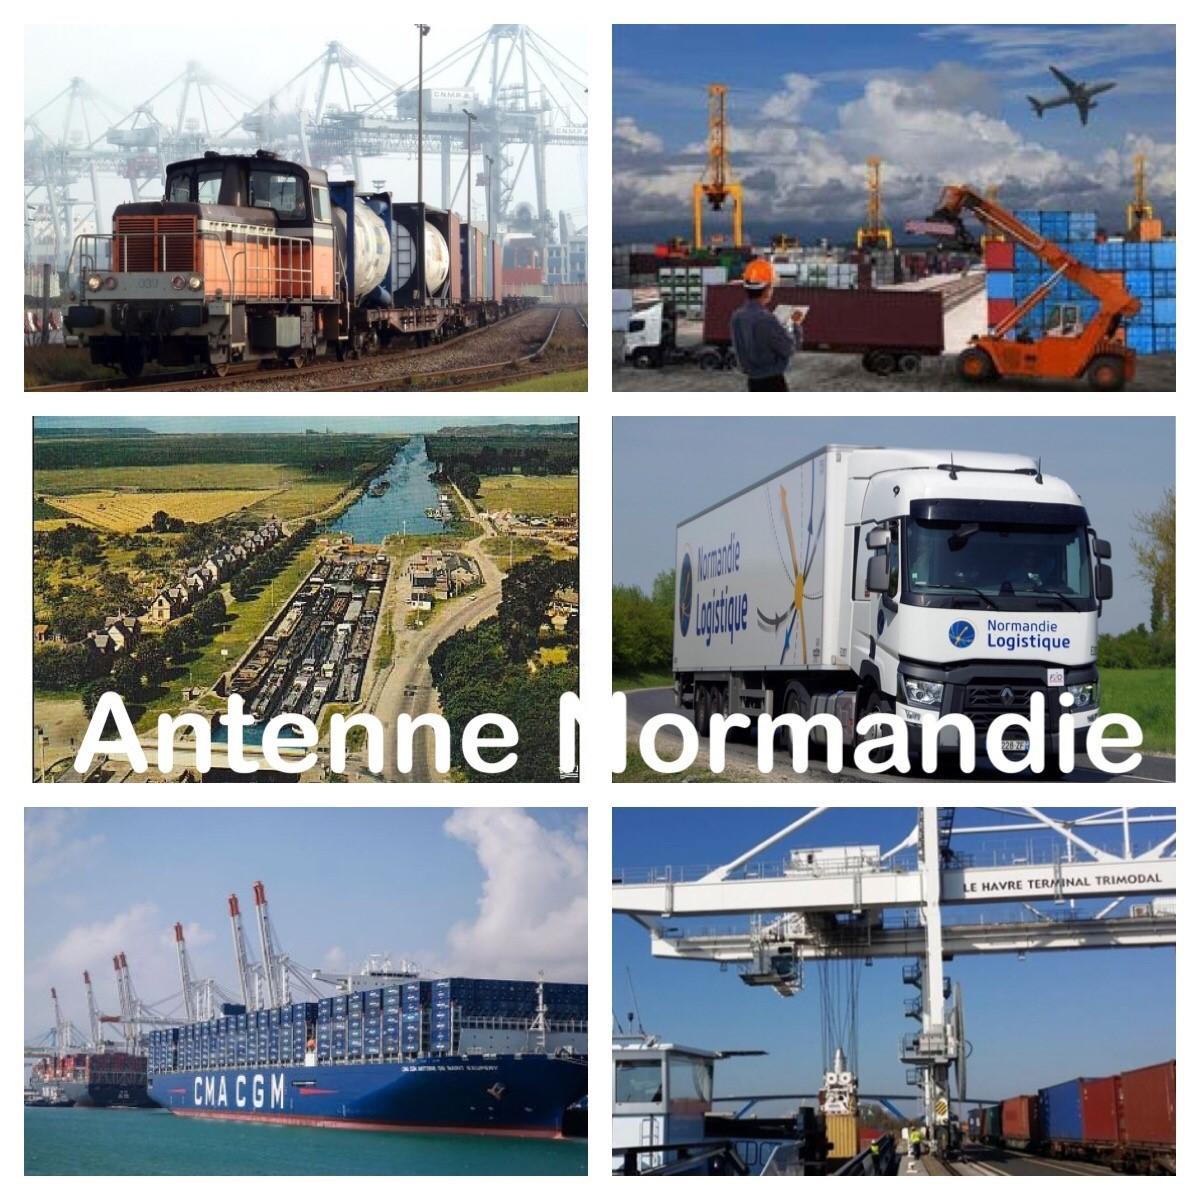 Réunion d'antenne Normandie